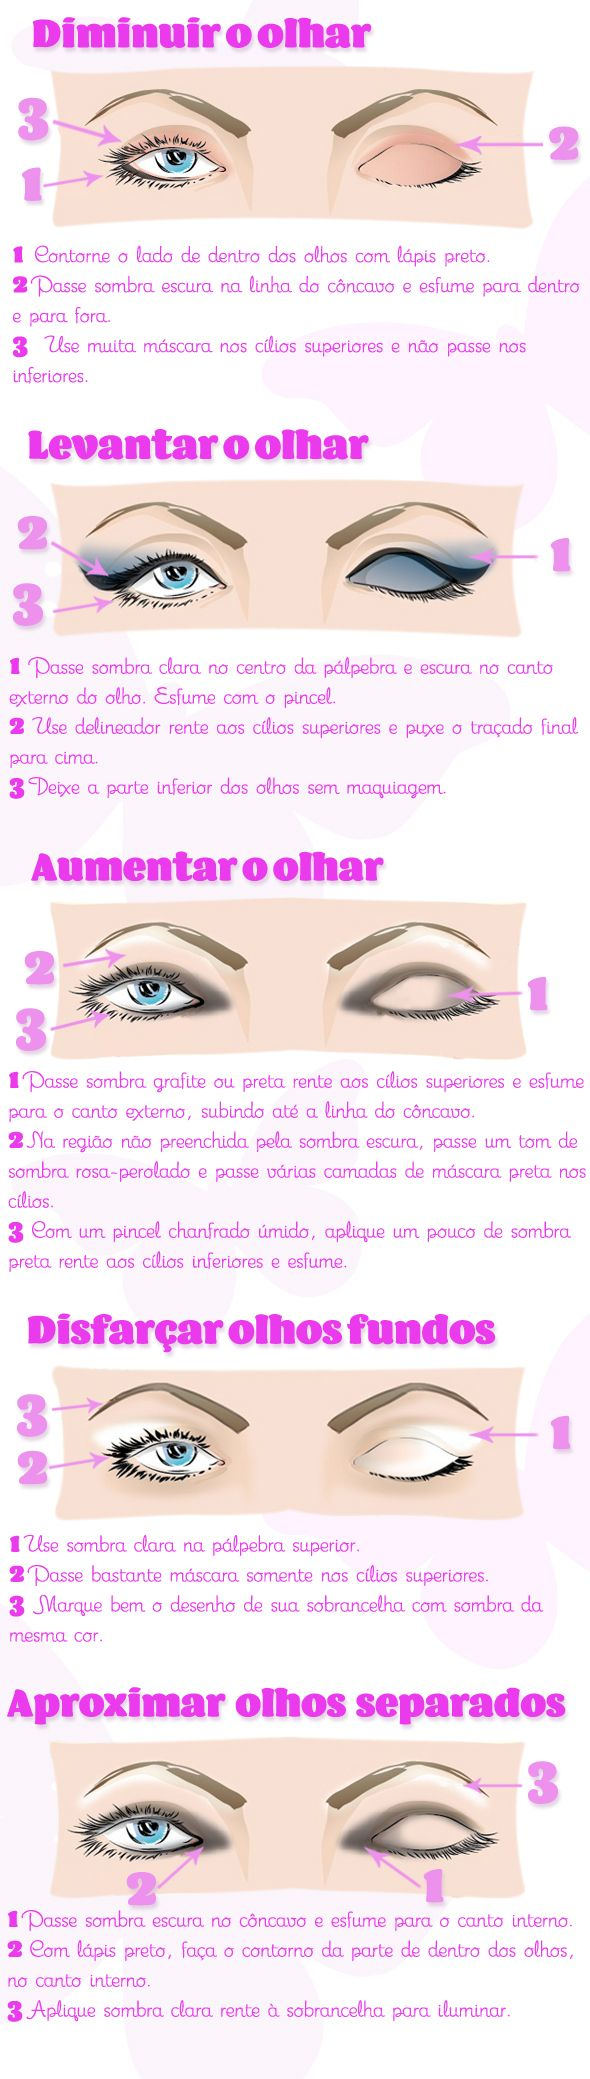 Ilustração com as dicas para disfarçar imperfeições com maquiagem